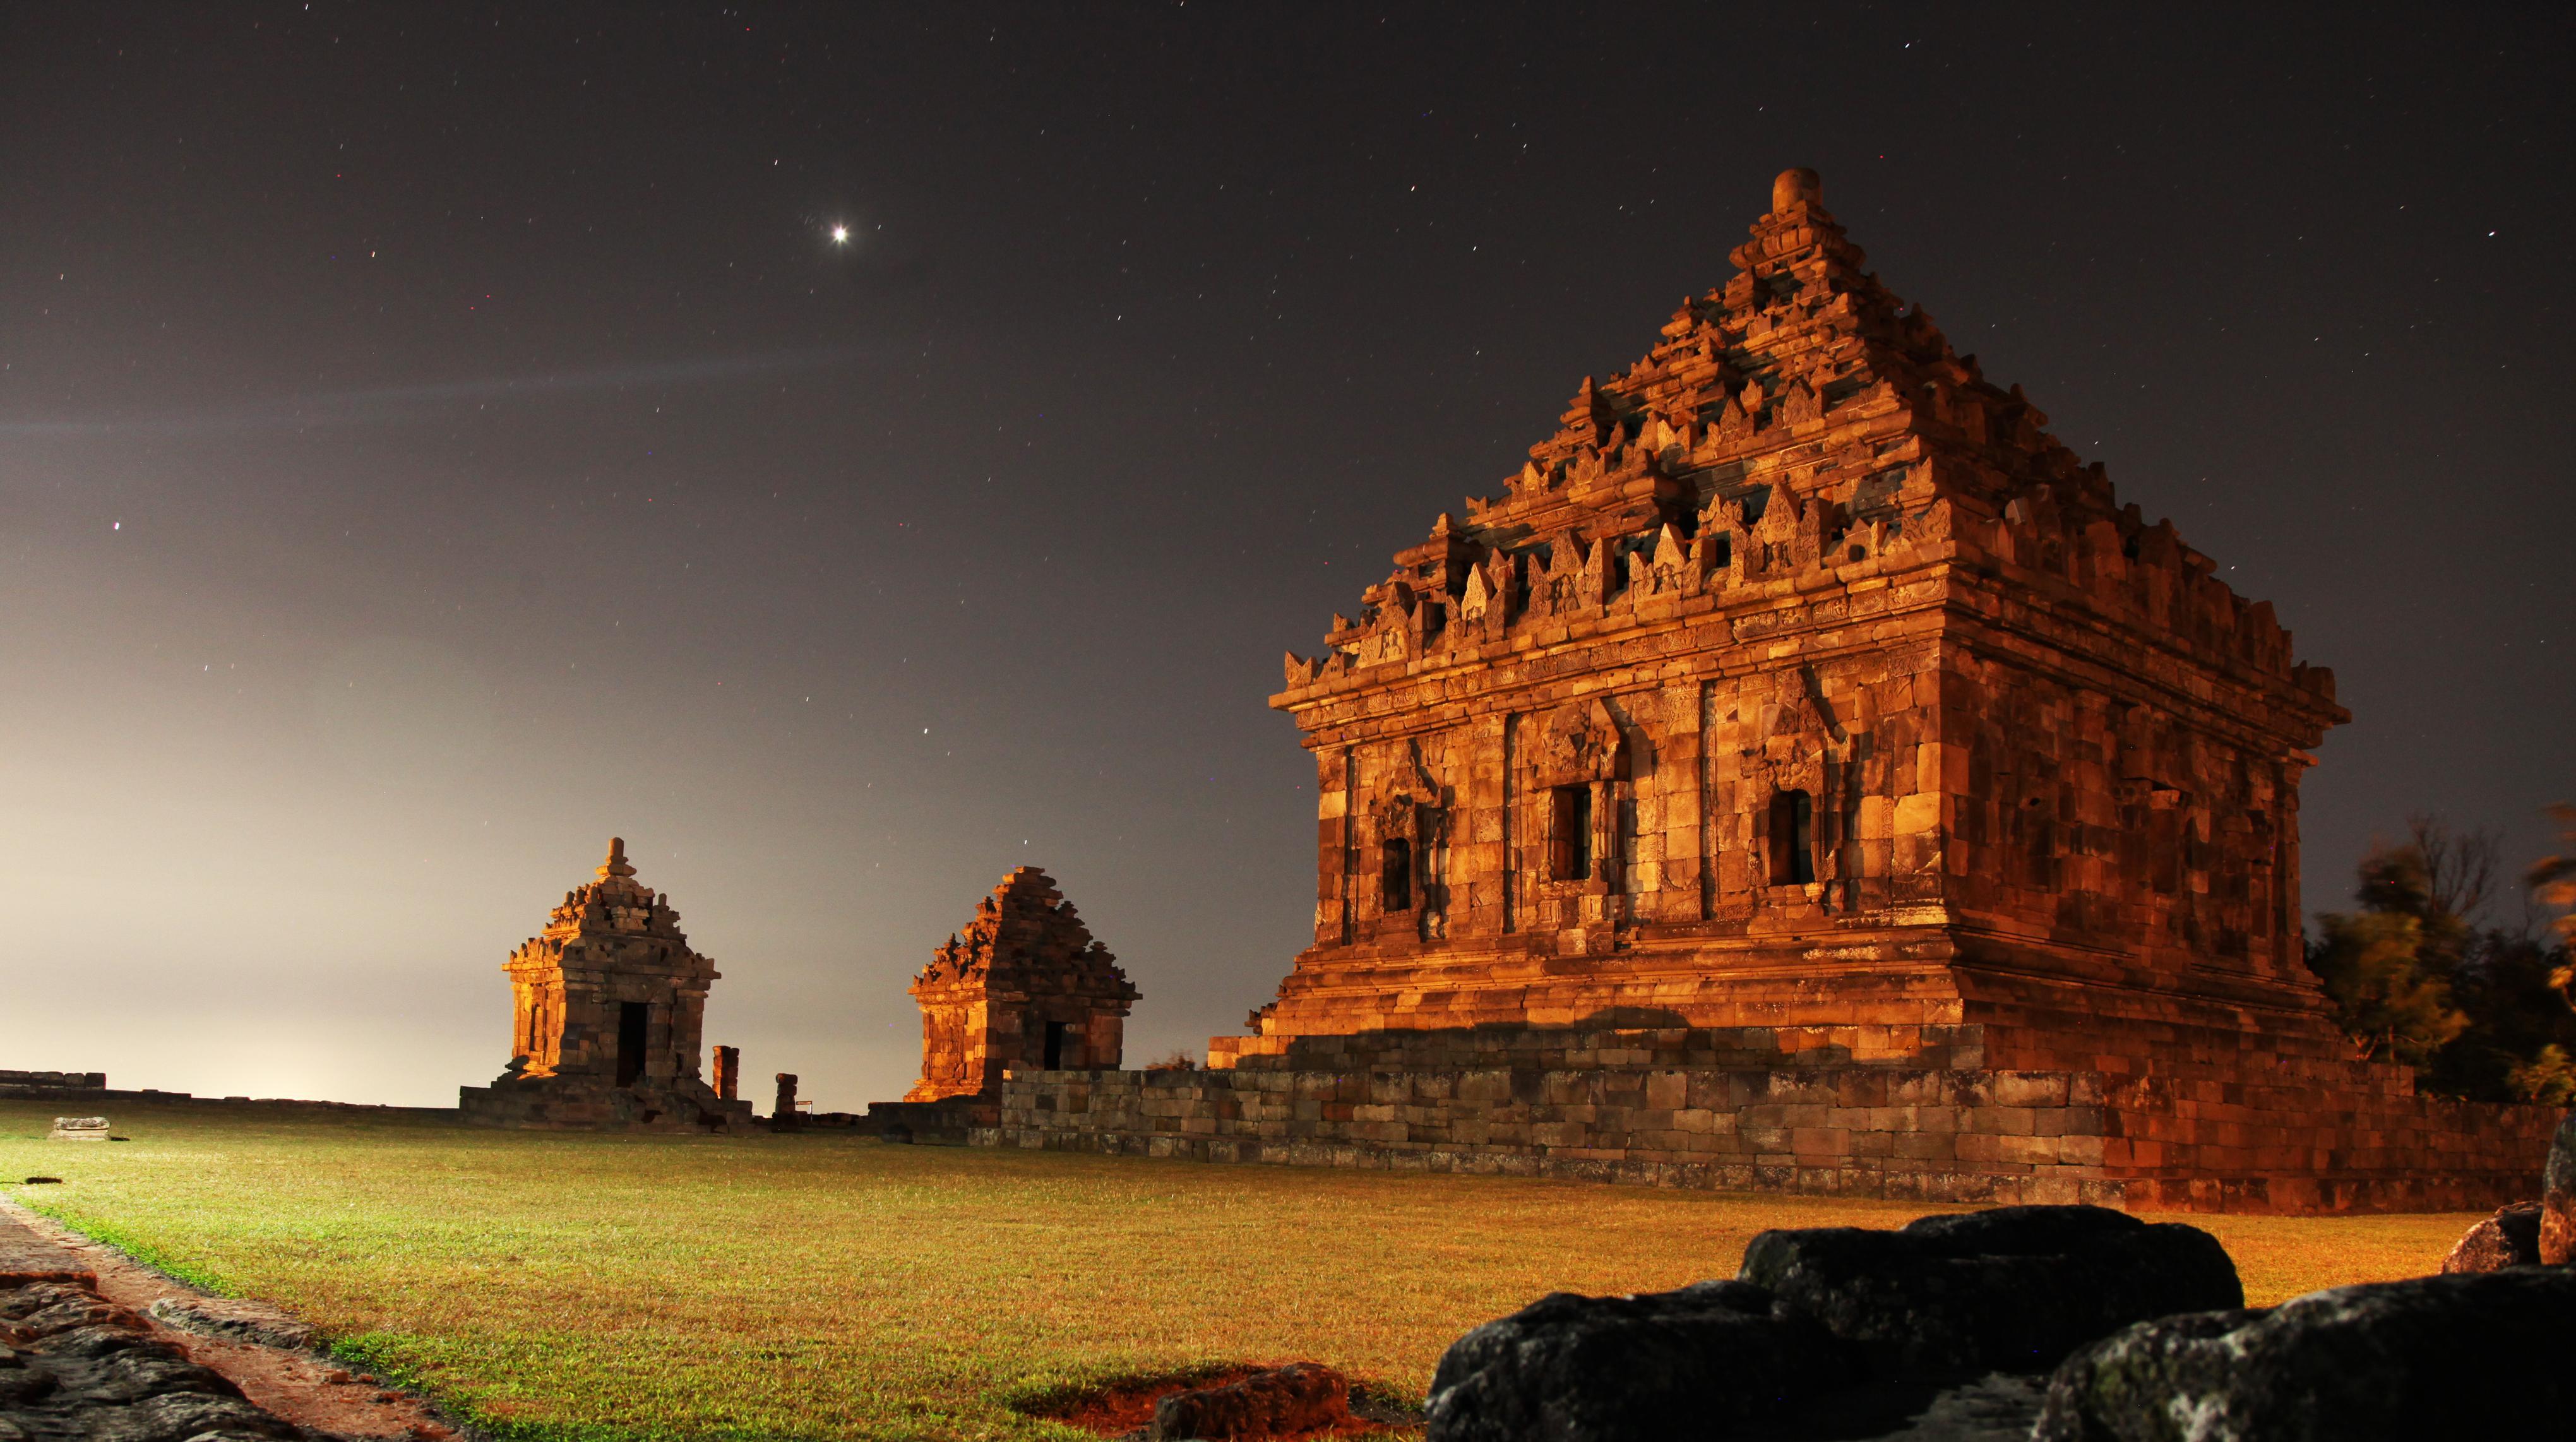 Ijo Temple Wikipedia Candi Barong Kab Sleman